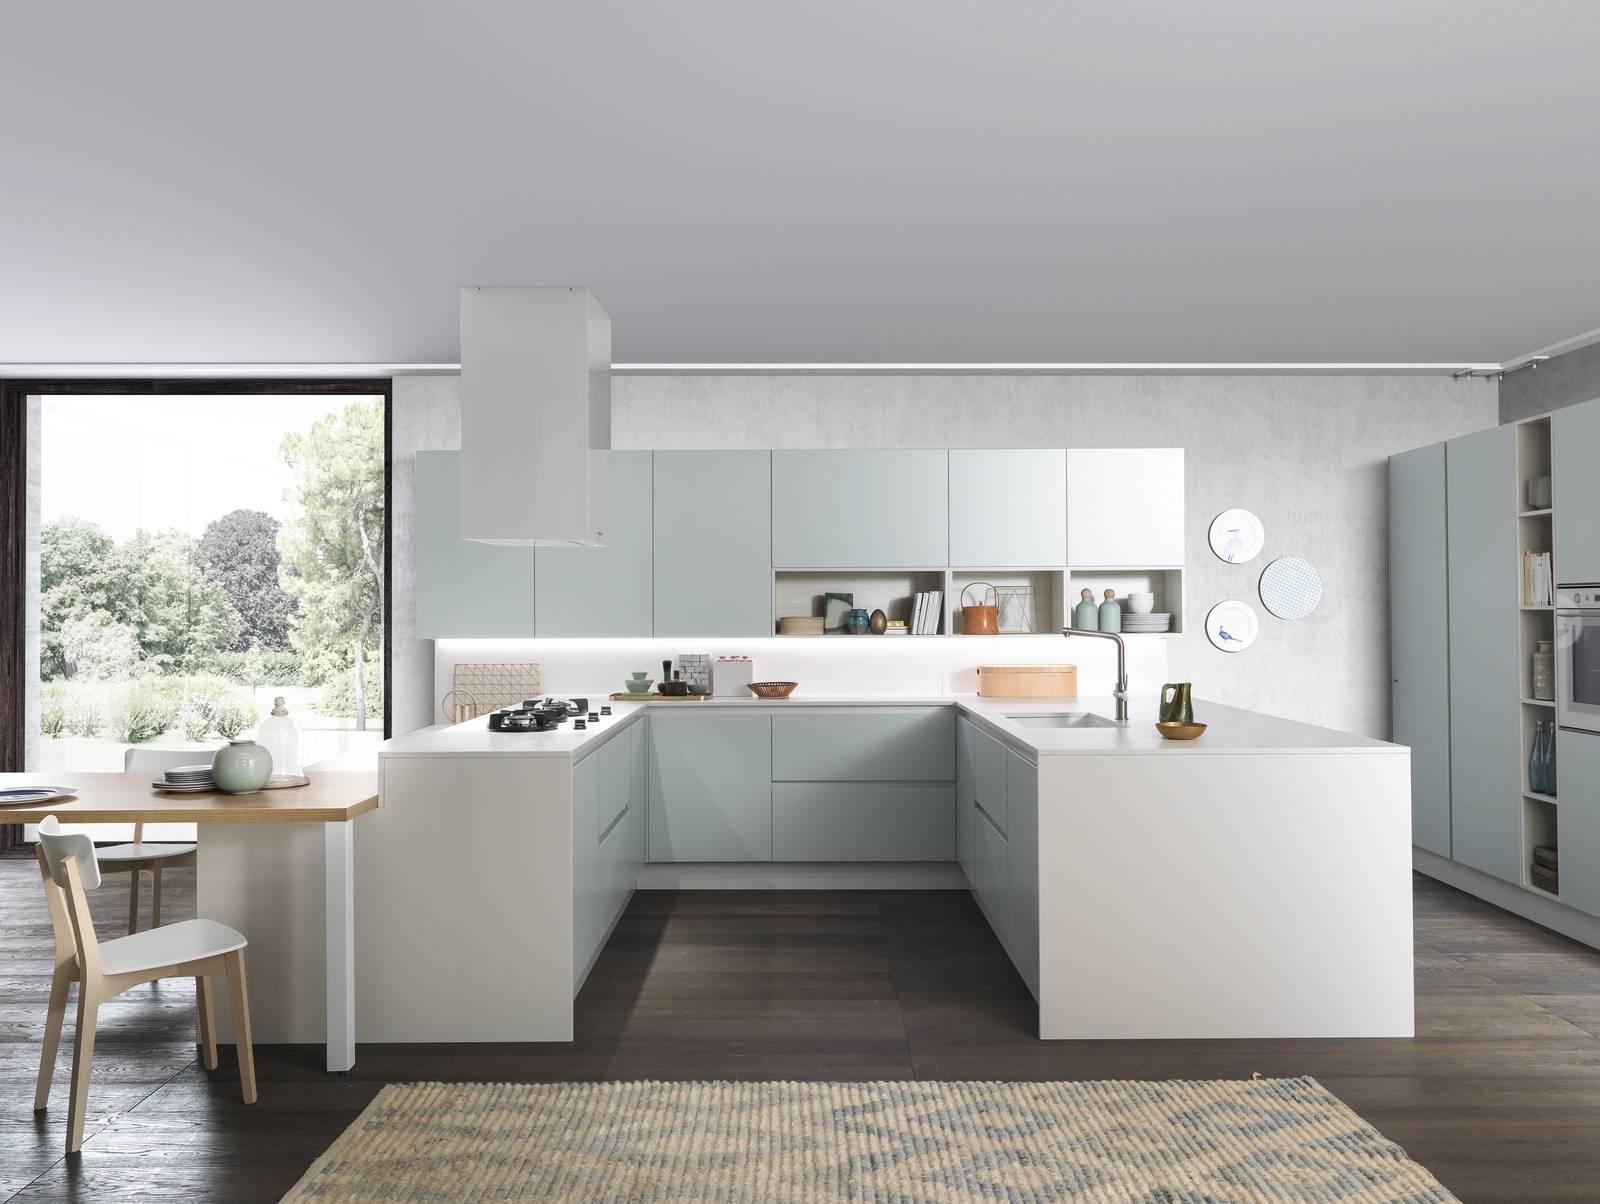 Cucine di primo prezzo belle e robuste - Cose di Casa